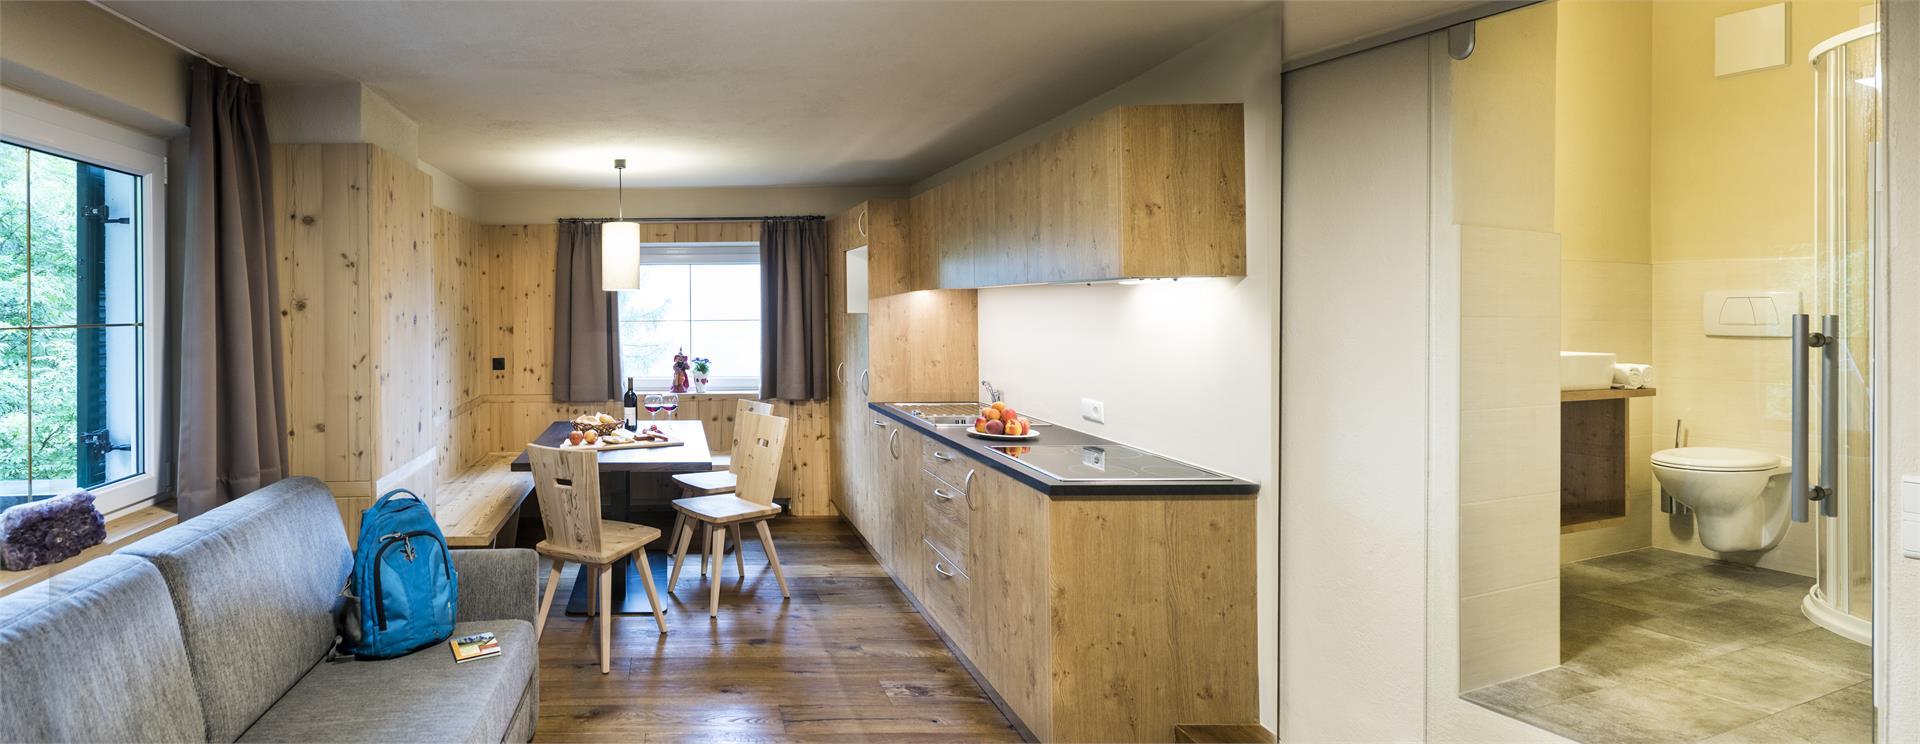 Apartment B Comfort